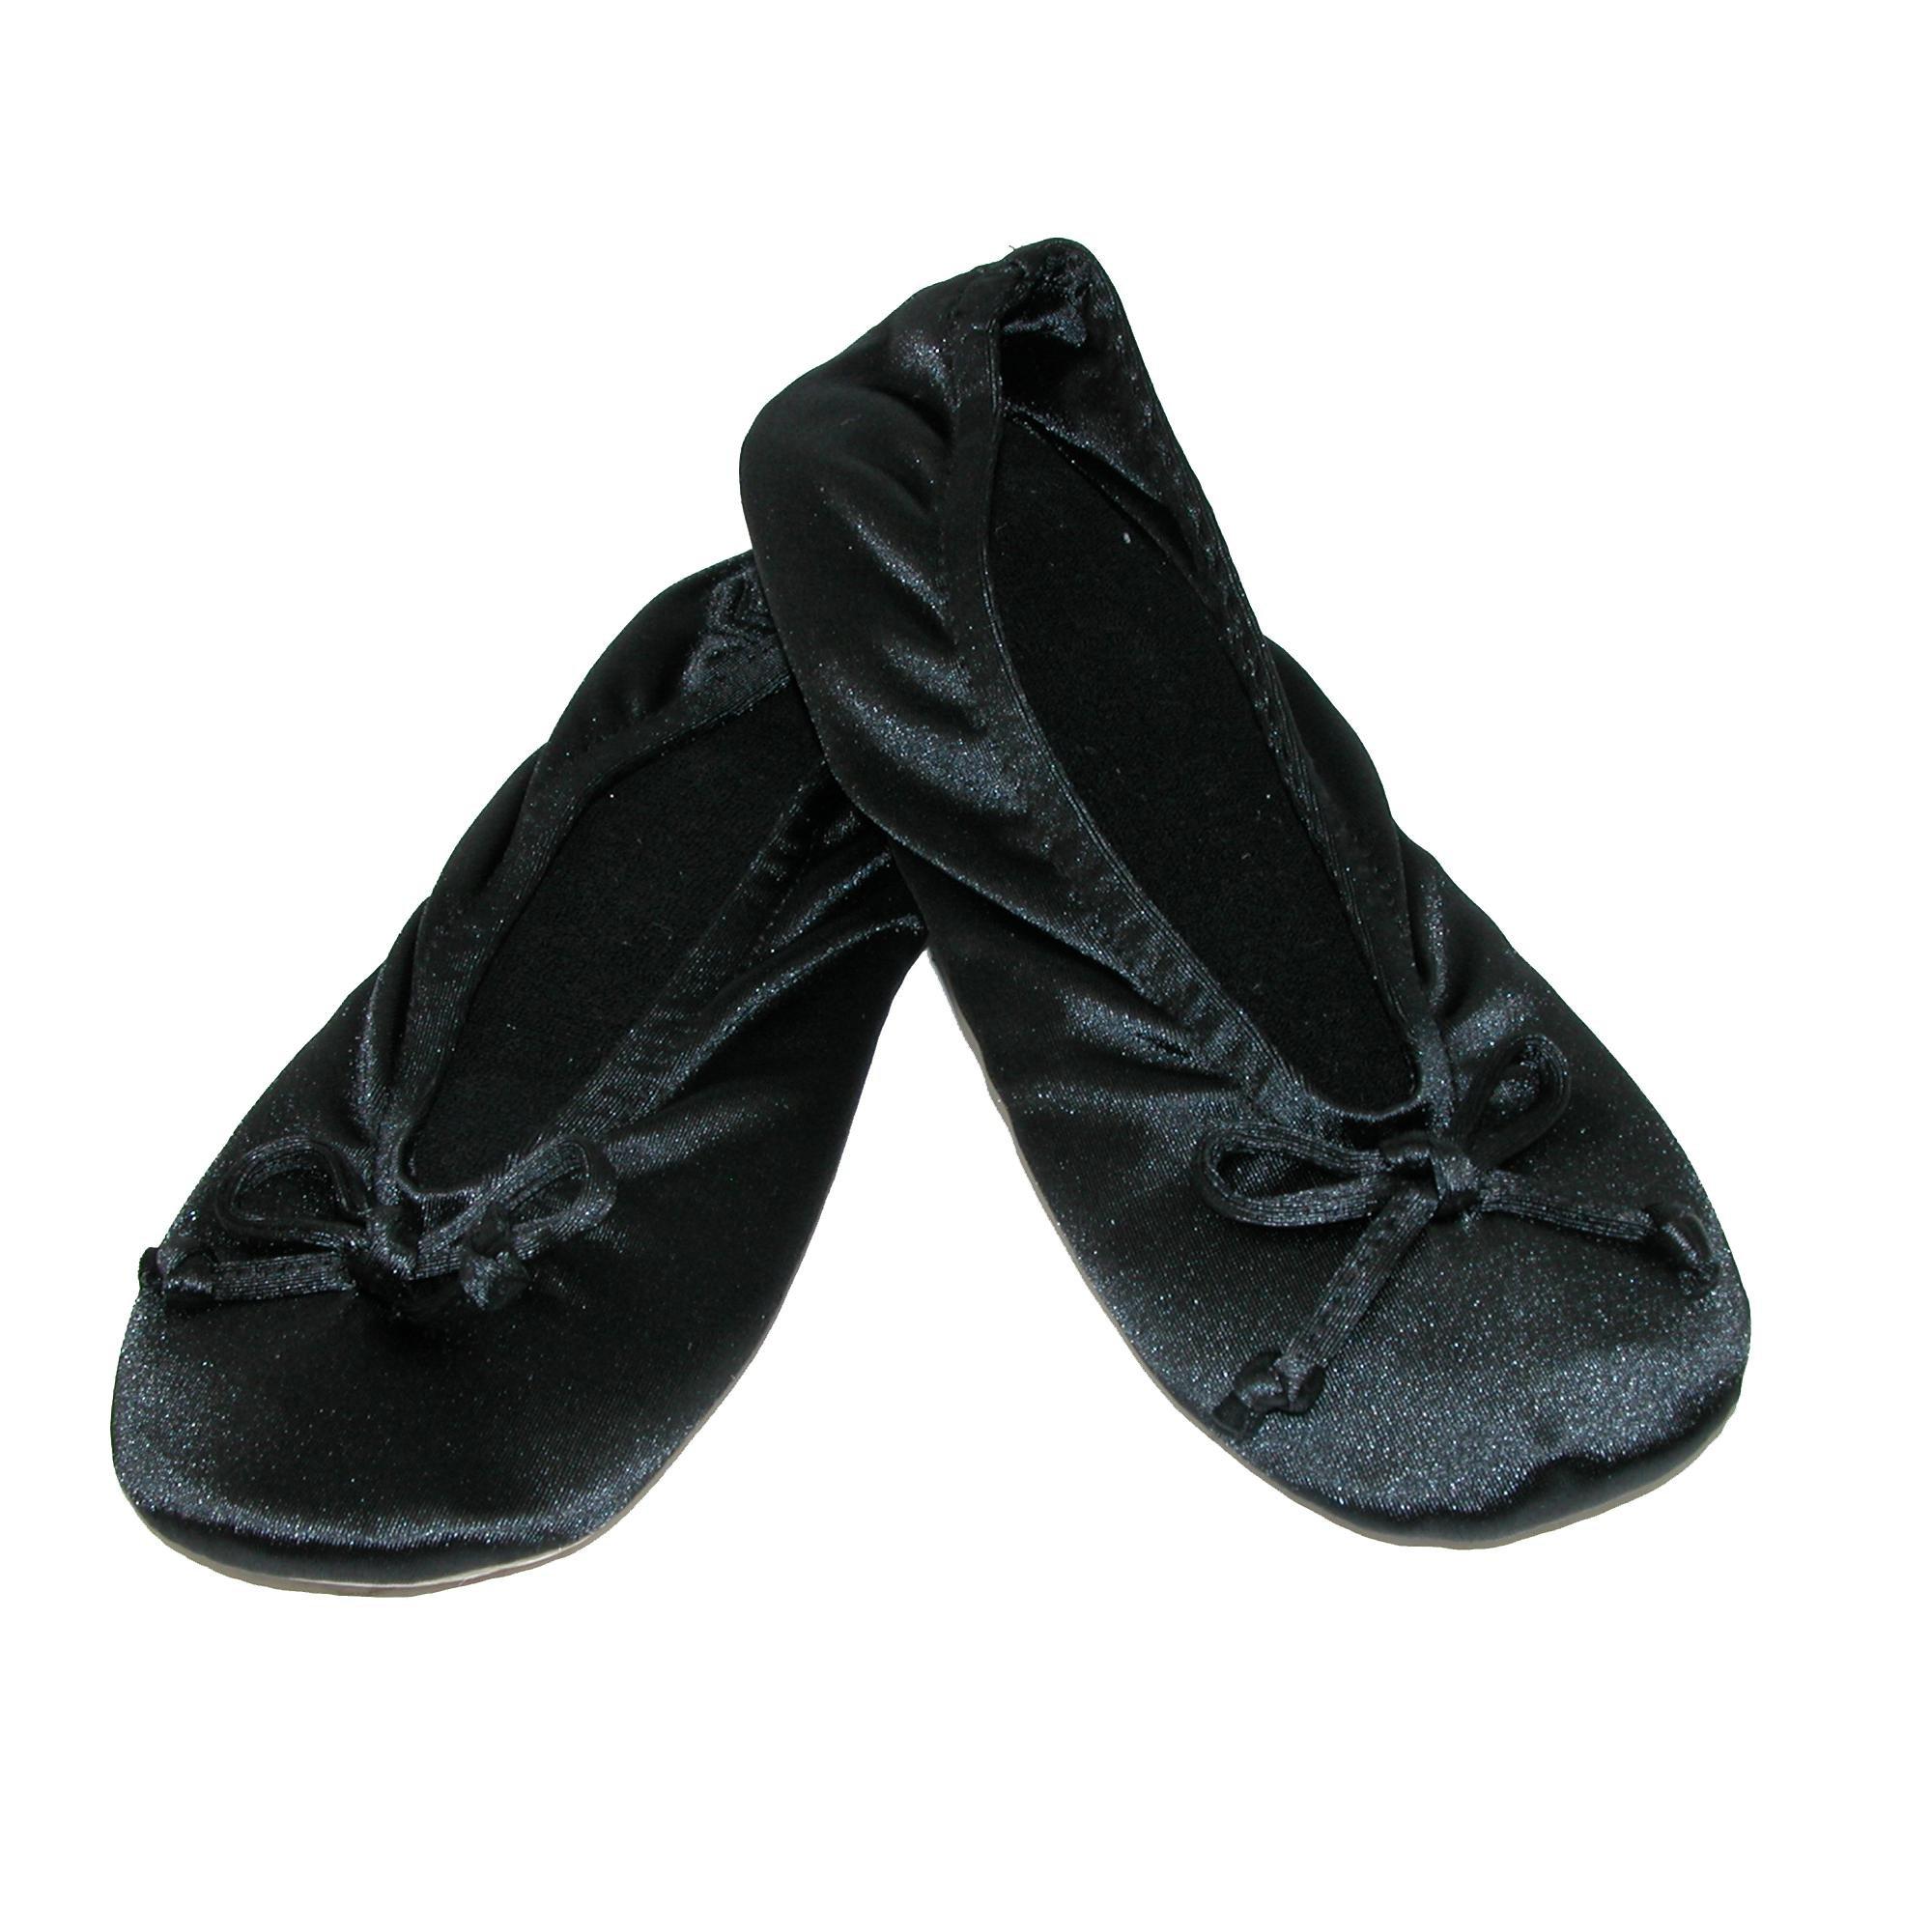 ISOTONER Women's Satin Plus Size Ballerina Slippers (Pack of 2), Black/Black